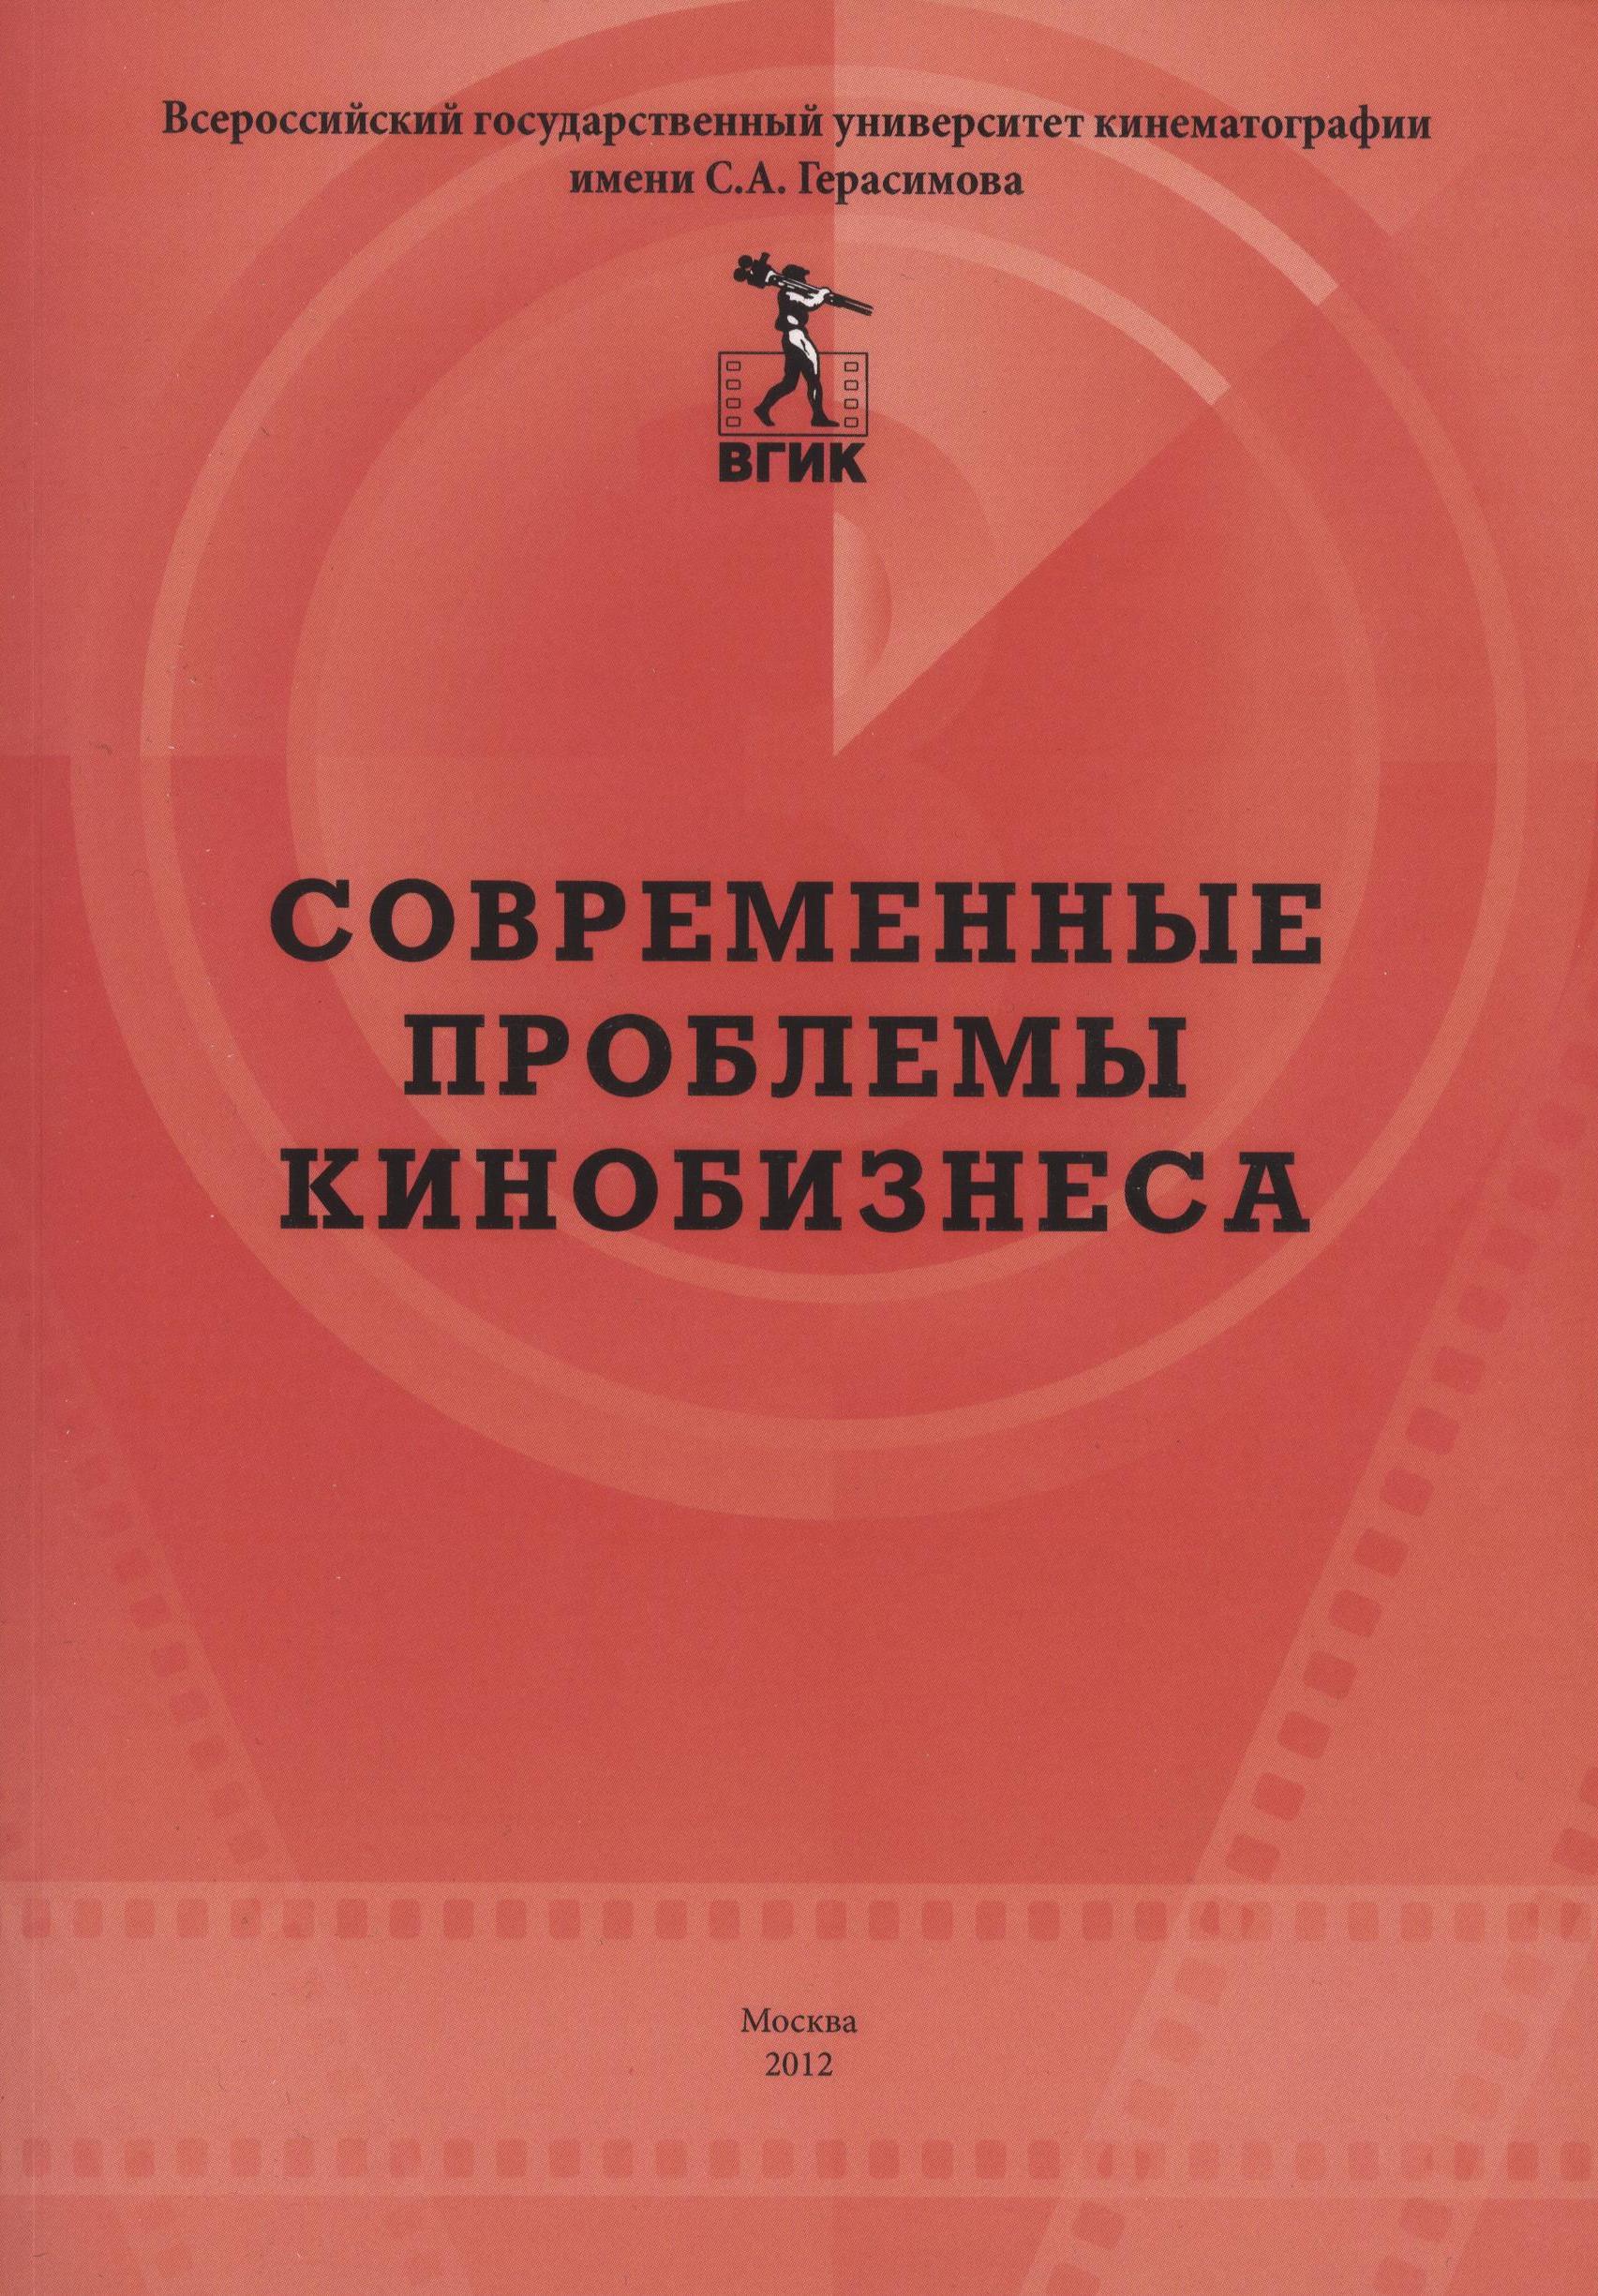 Современные проблемы кинобизнеса. Материалы международной научно-практической конференции 11 апреля 2012 года